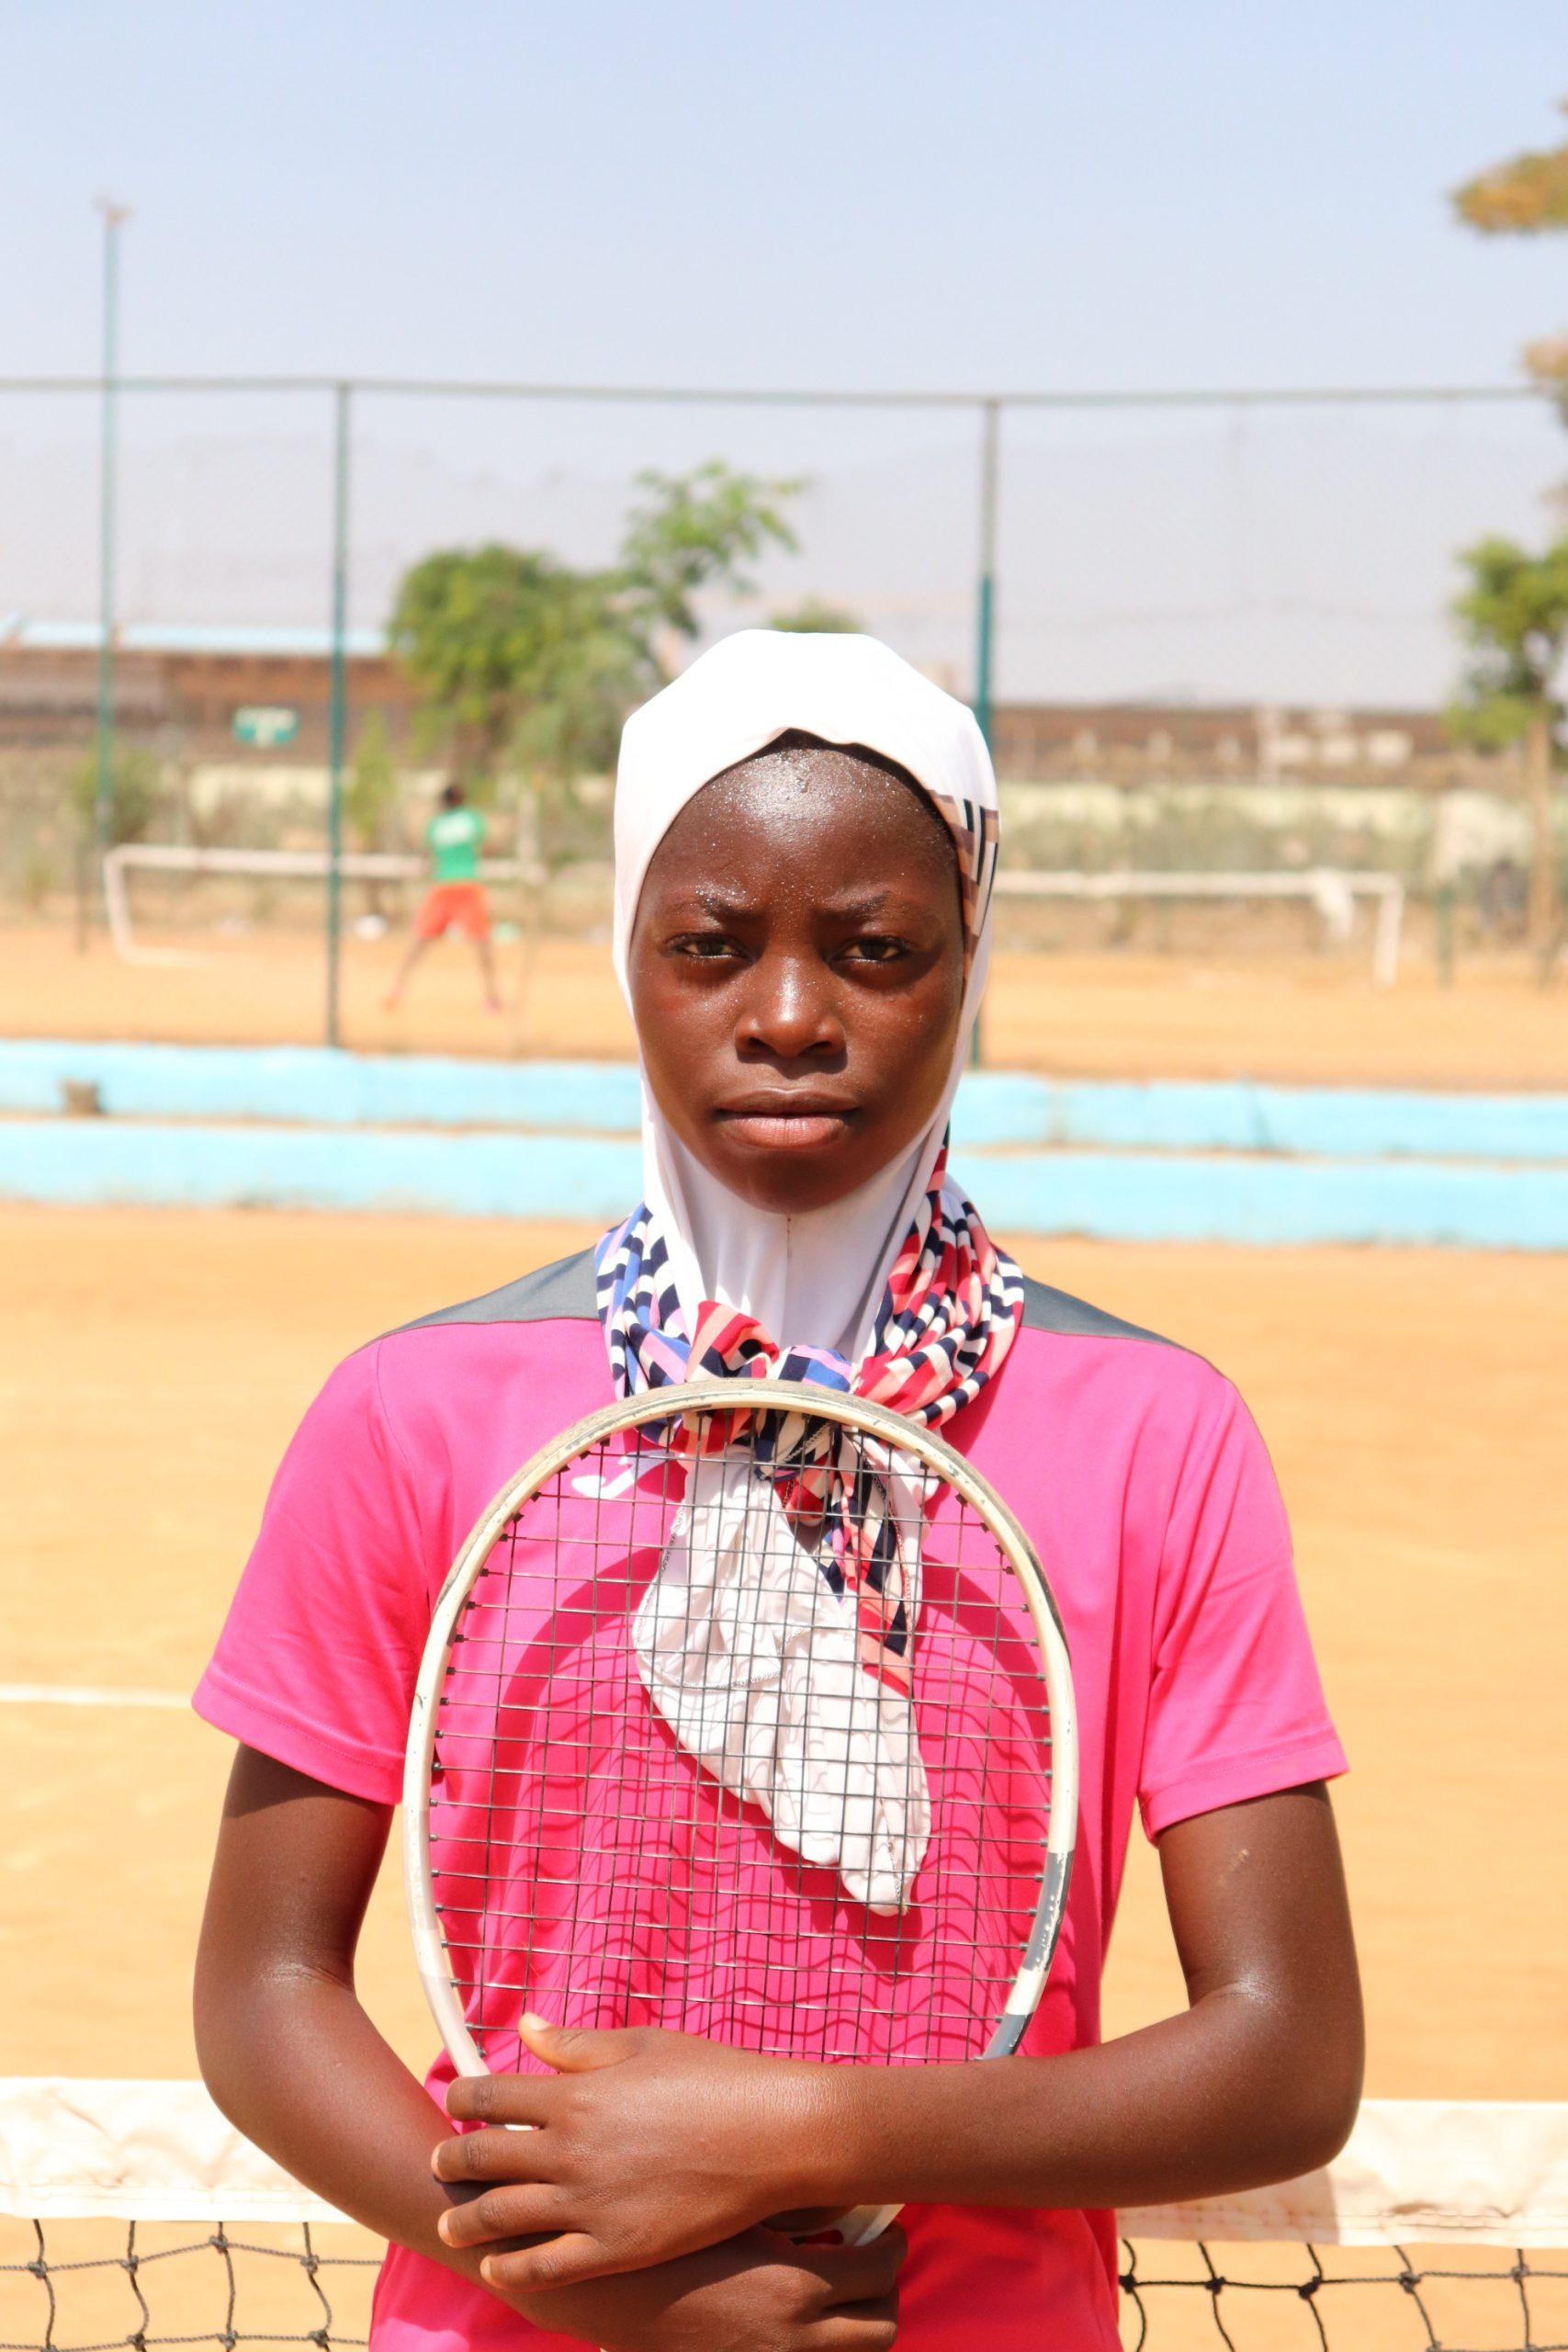 Salamatu Haruna after her victory scaled